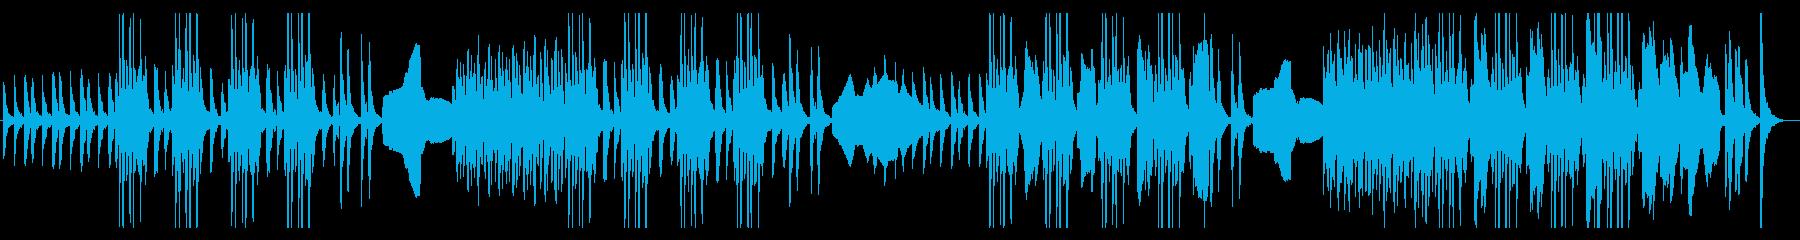 【劇伴】コメディータッチ_おとぼけの再生済みの波形